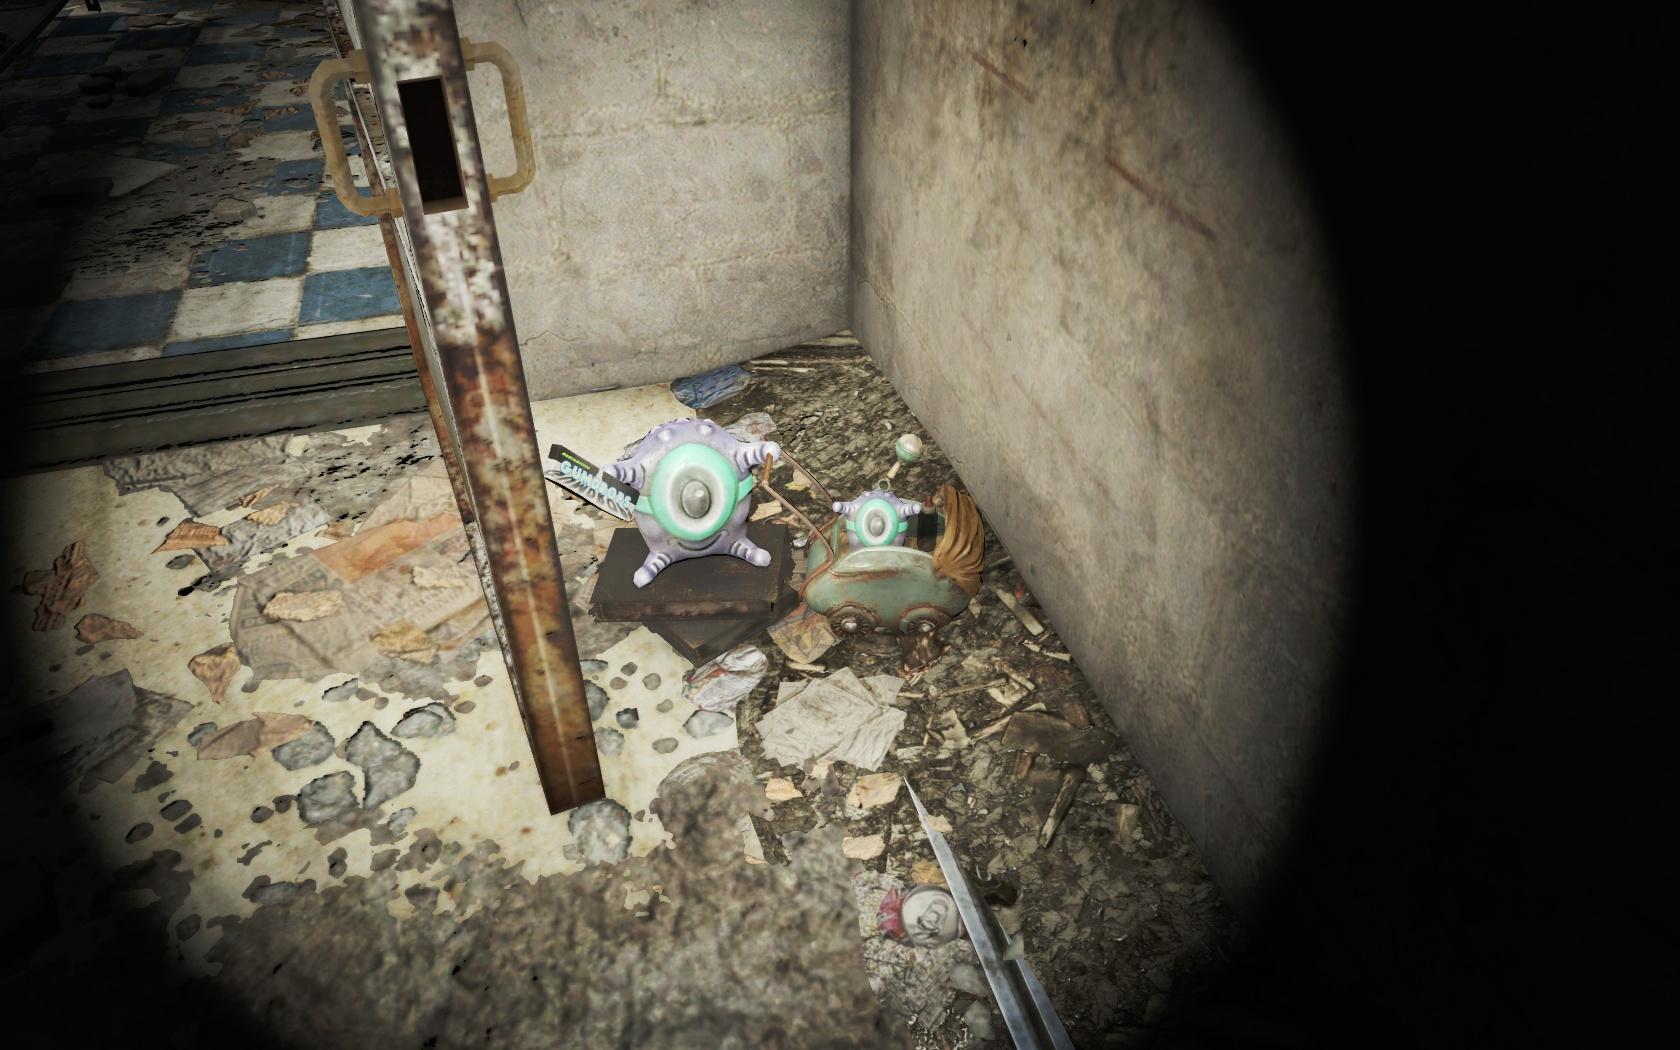 Мать и дитя (жилой дом около Канализации Фенс-стрит) - Fallout 4 жилой дом, игрушечный, инопланетянин, Канализация, Канализация Фенс-стрит, Фенс, Фенс-стрит